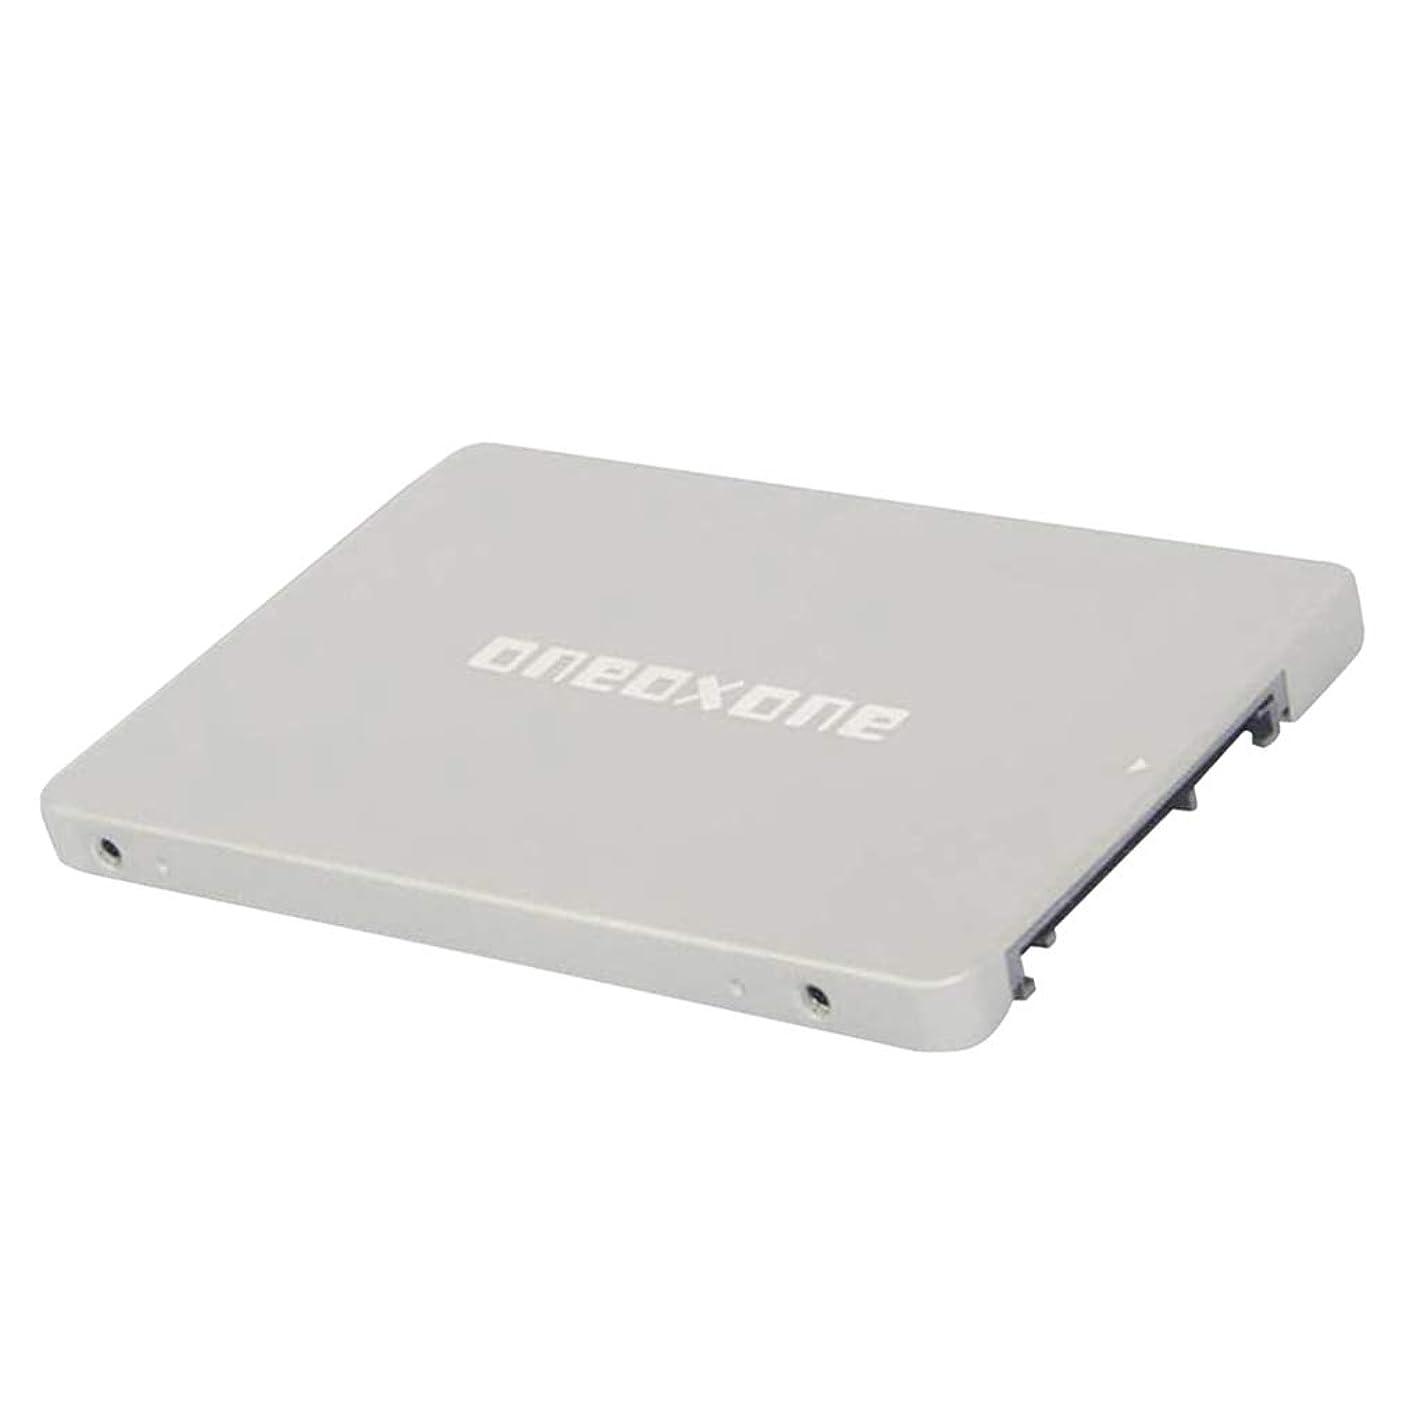 免疫に変わる着陸B Baosity 高性能 コンピュータ用 2.5インチ SATA3.0 SSDソリッドステートドライブ 全2容量 - 120G